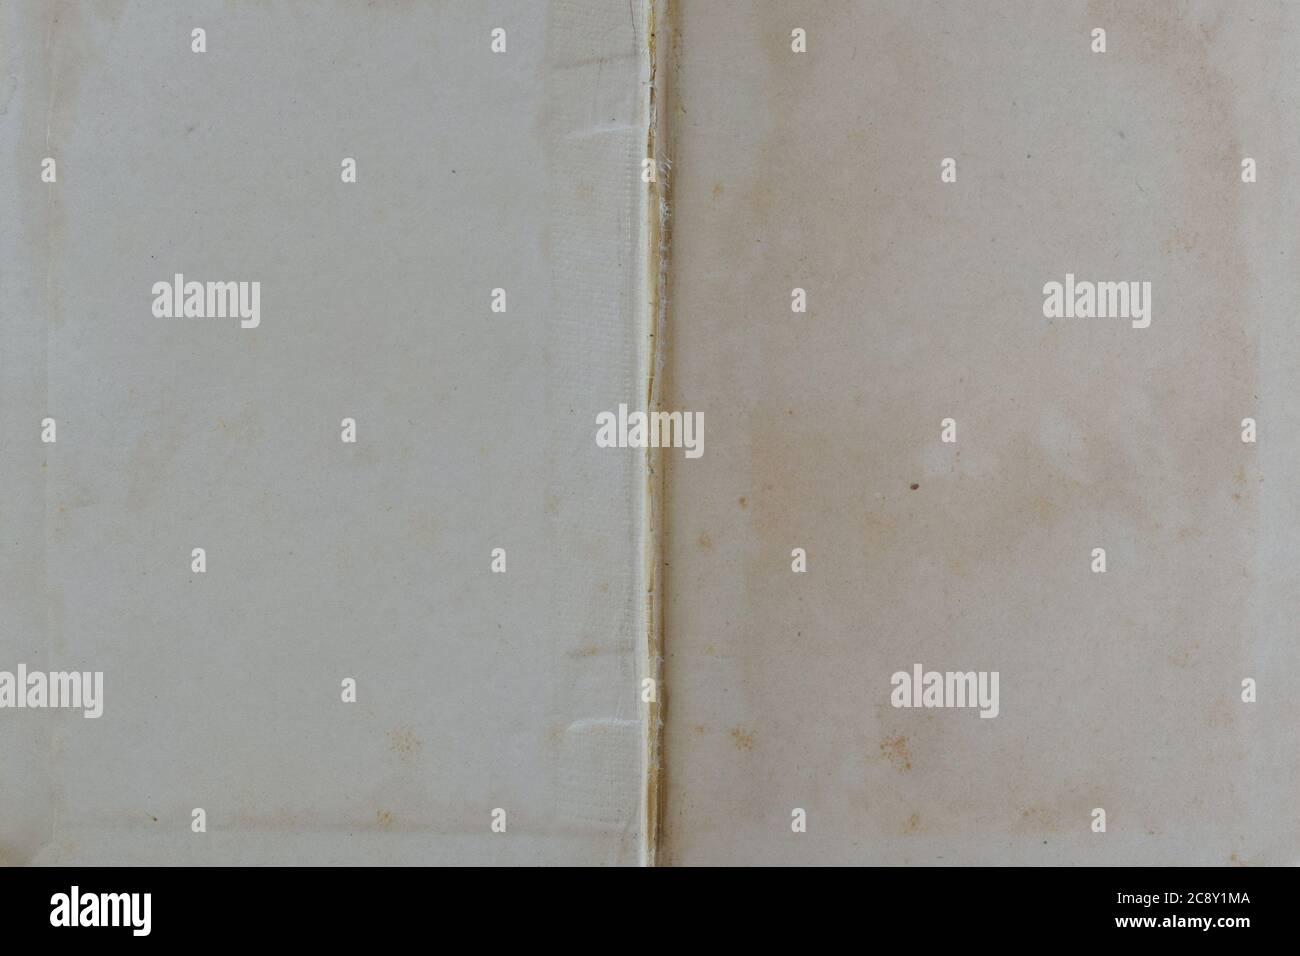 Libro di cento anni pagine bianche e rilegatura interna con cerniera a spina con tessuto e colla. Foto Stock